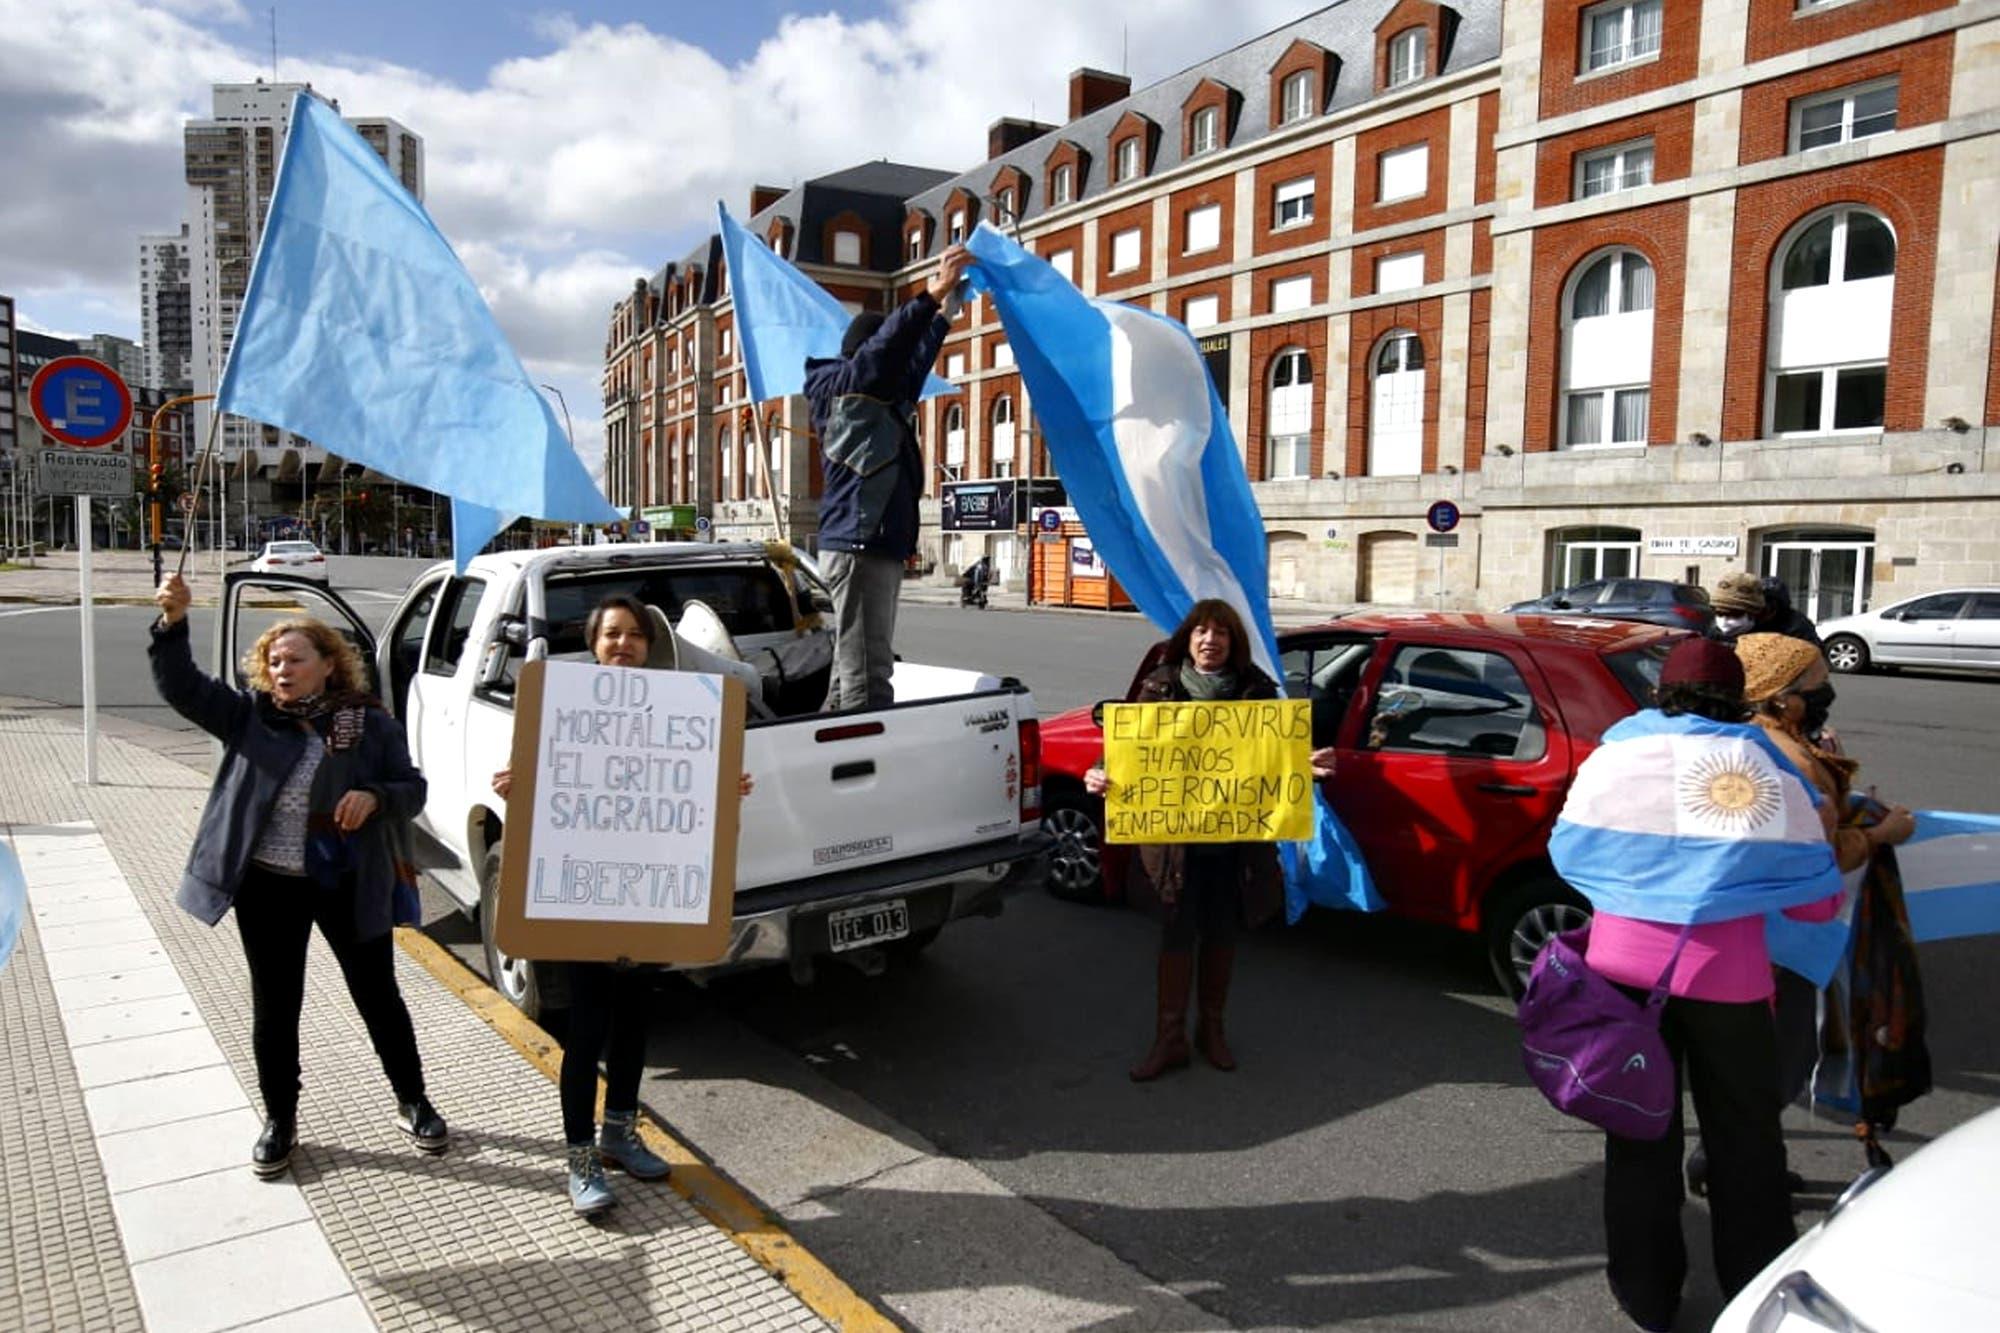 Banderazo: nueva protesta contra el Gobierno en varias ciudades del país y en el exterior